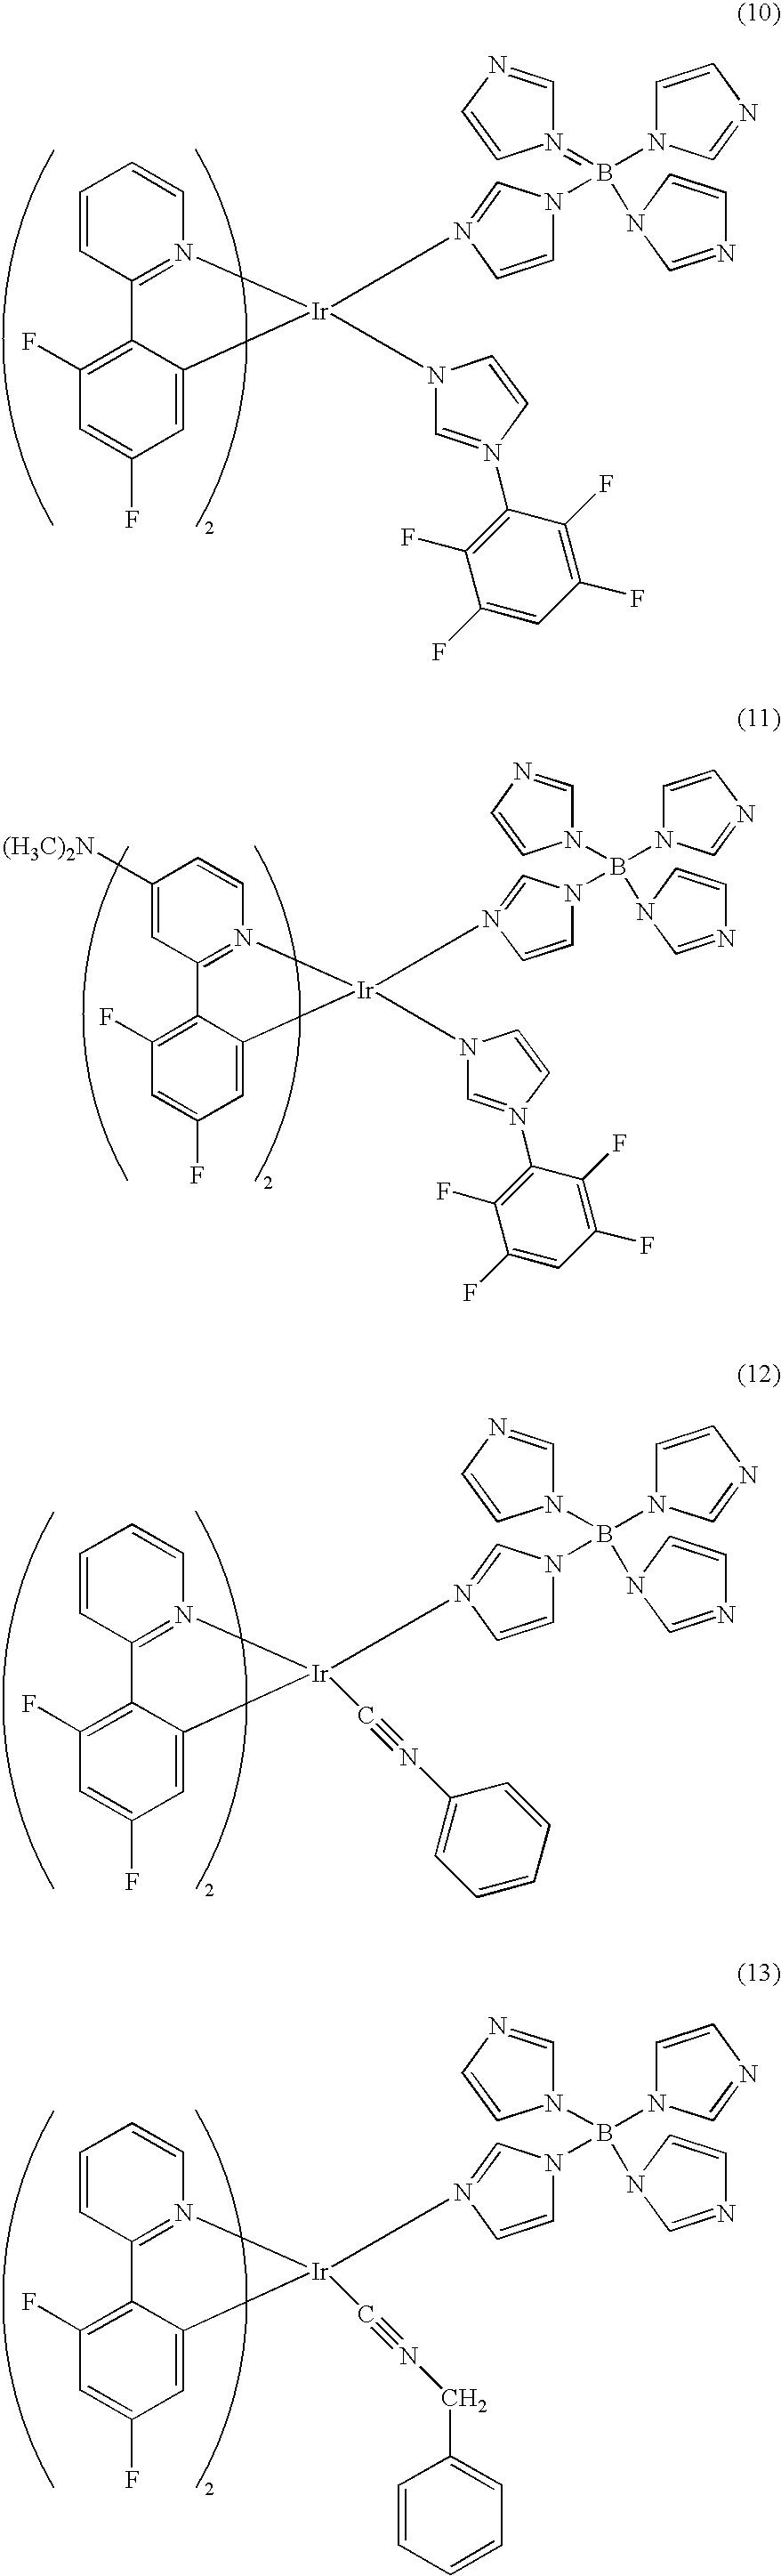 Figure US20060177695A1-20060810-C00014